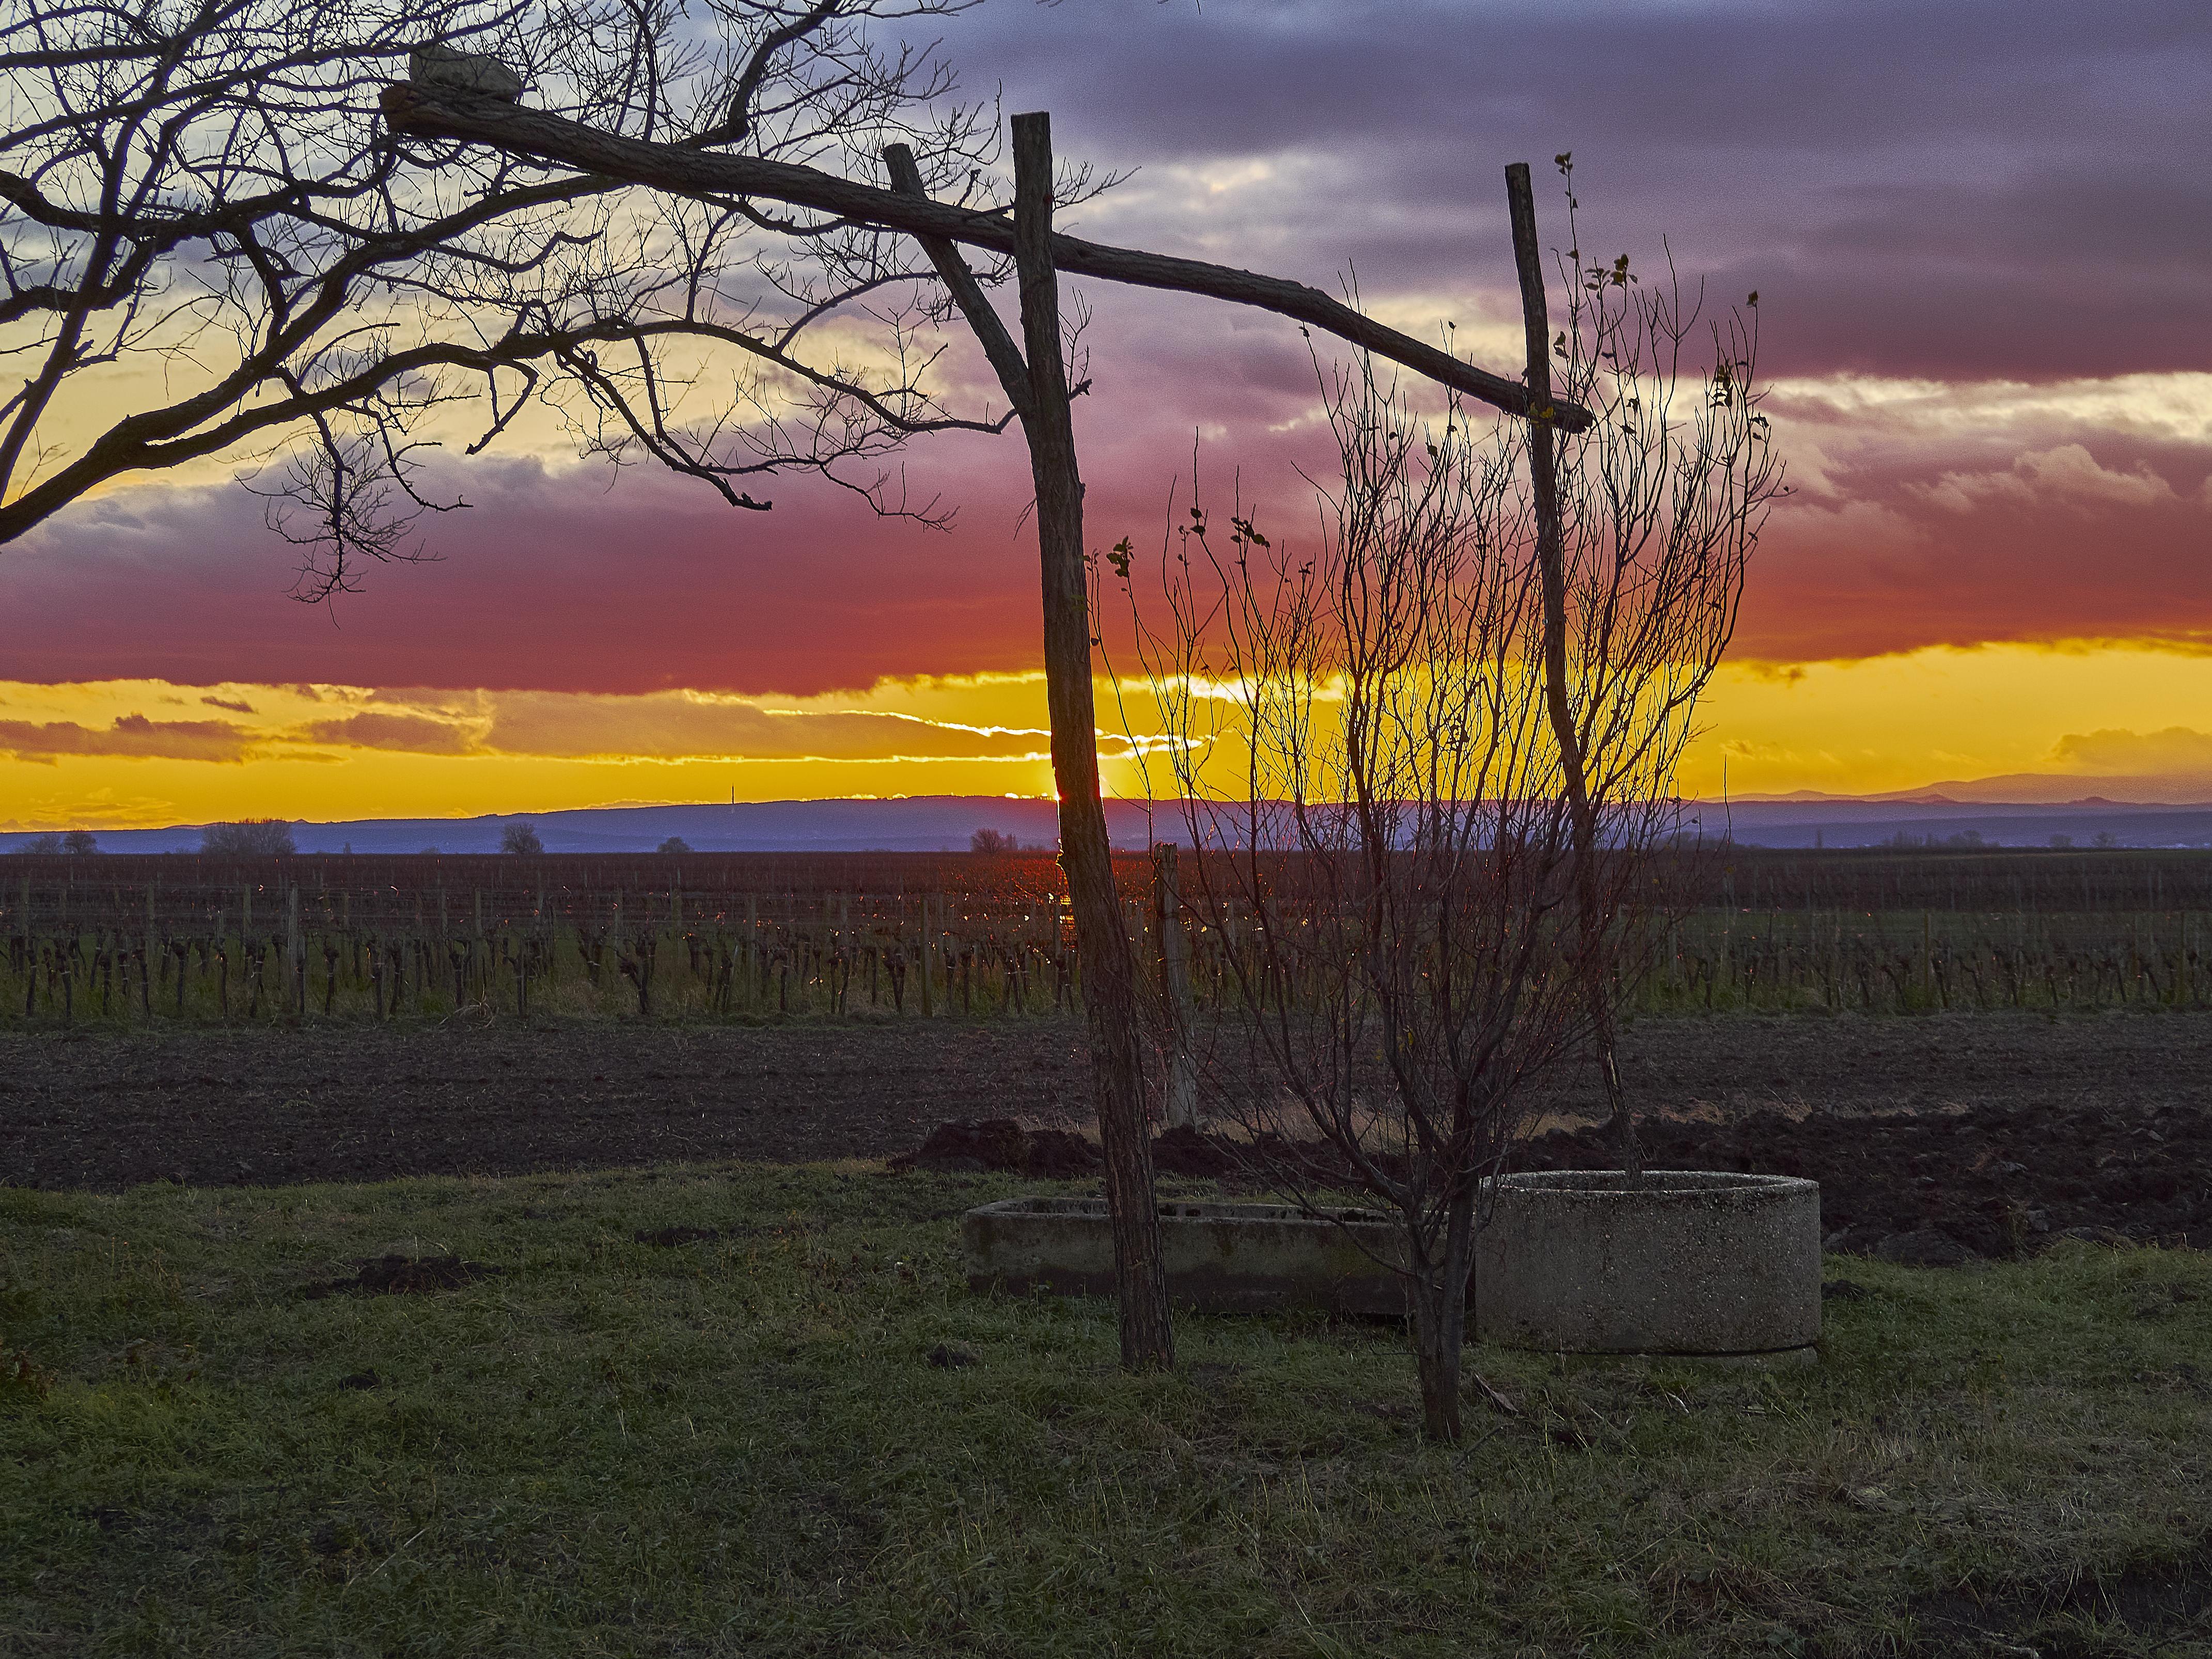 Am Abend an der Ungarischen Grenze